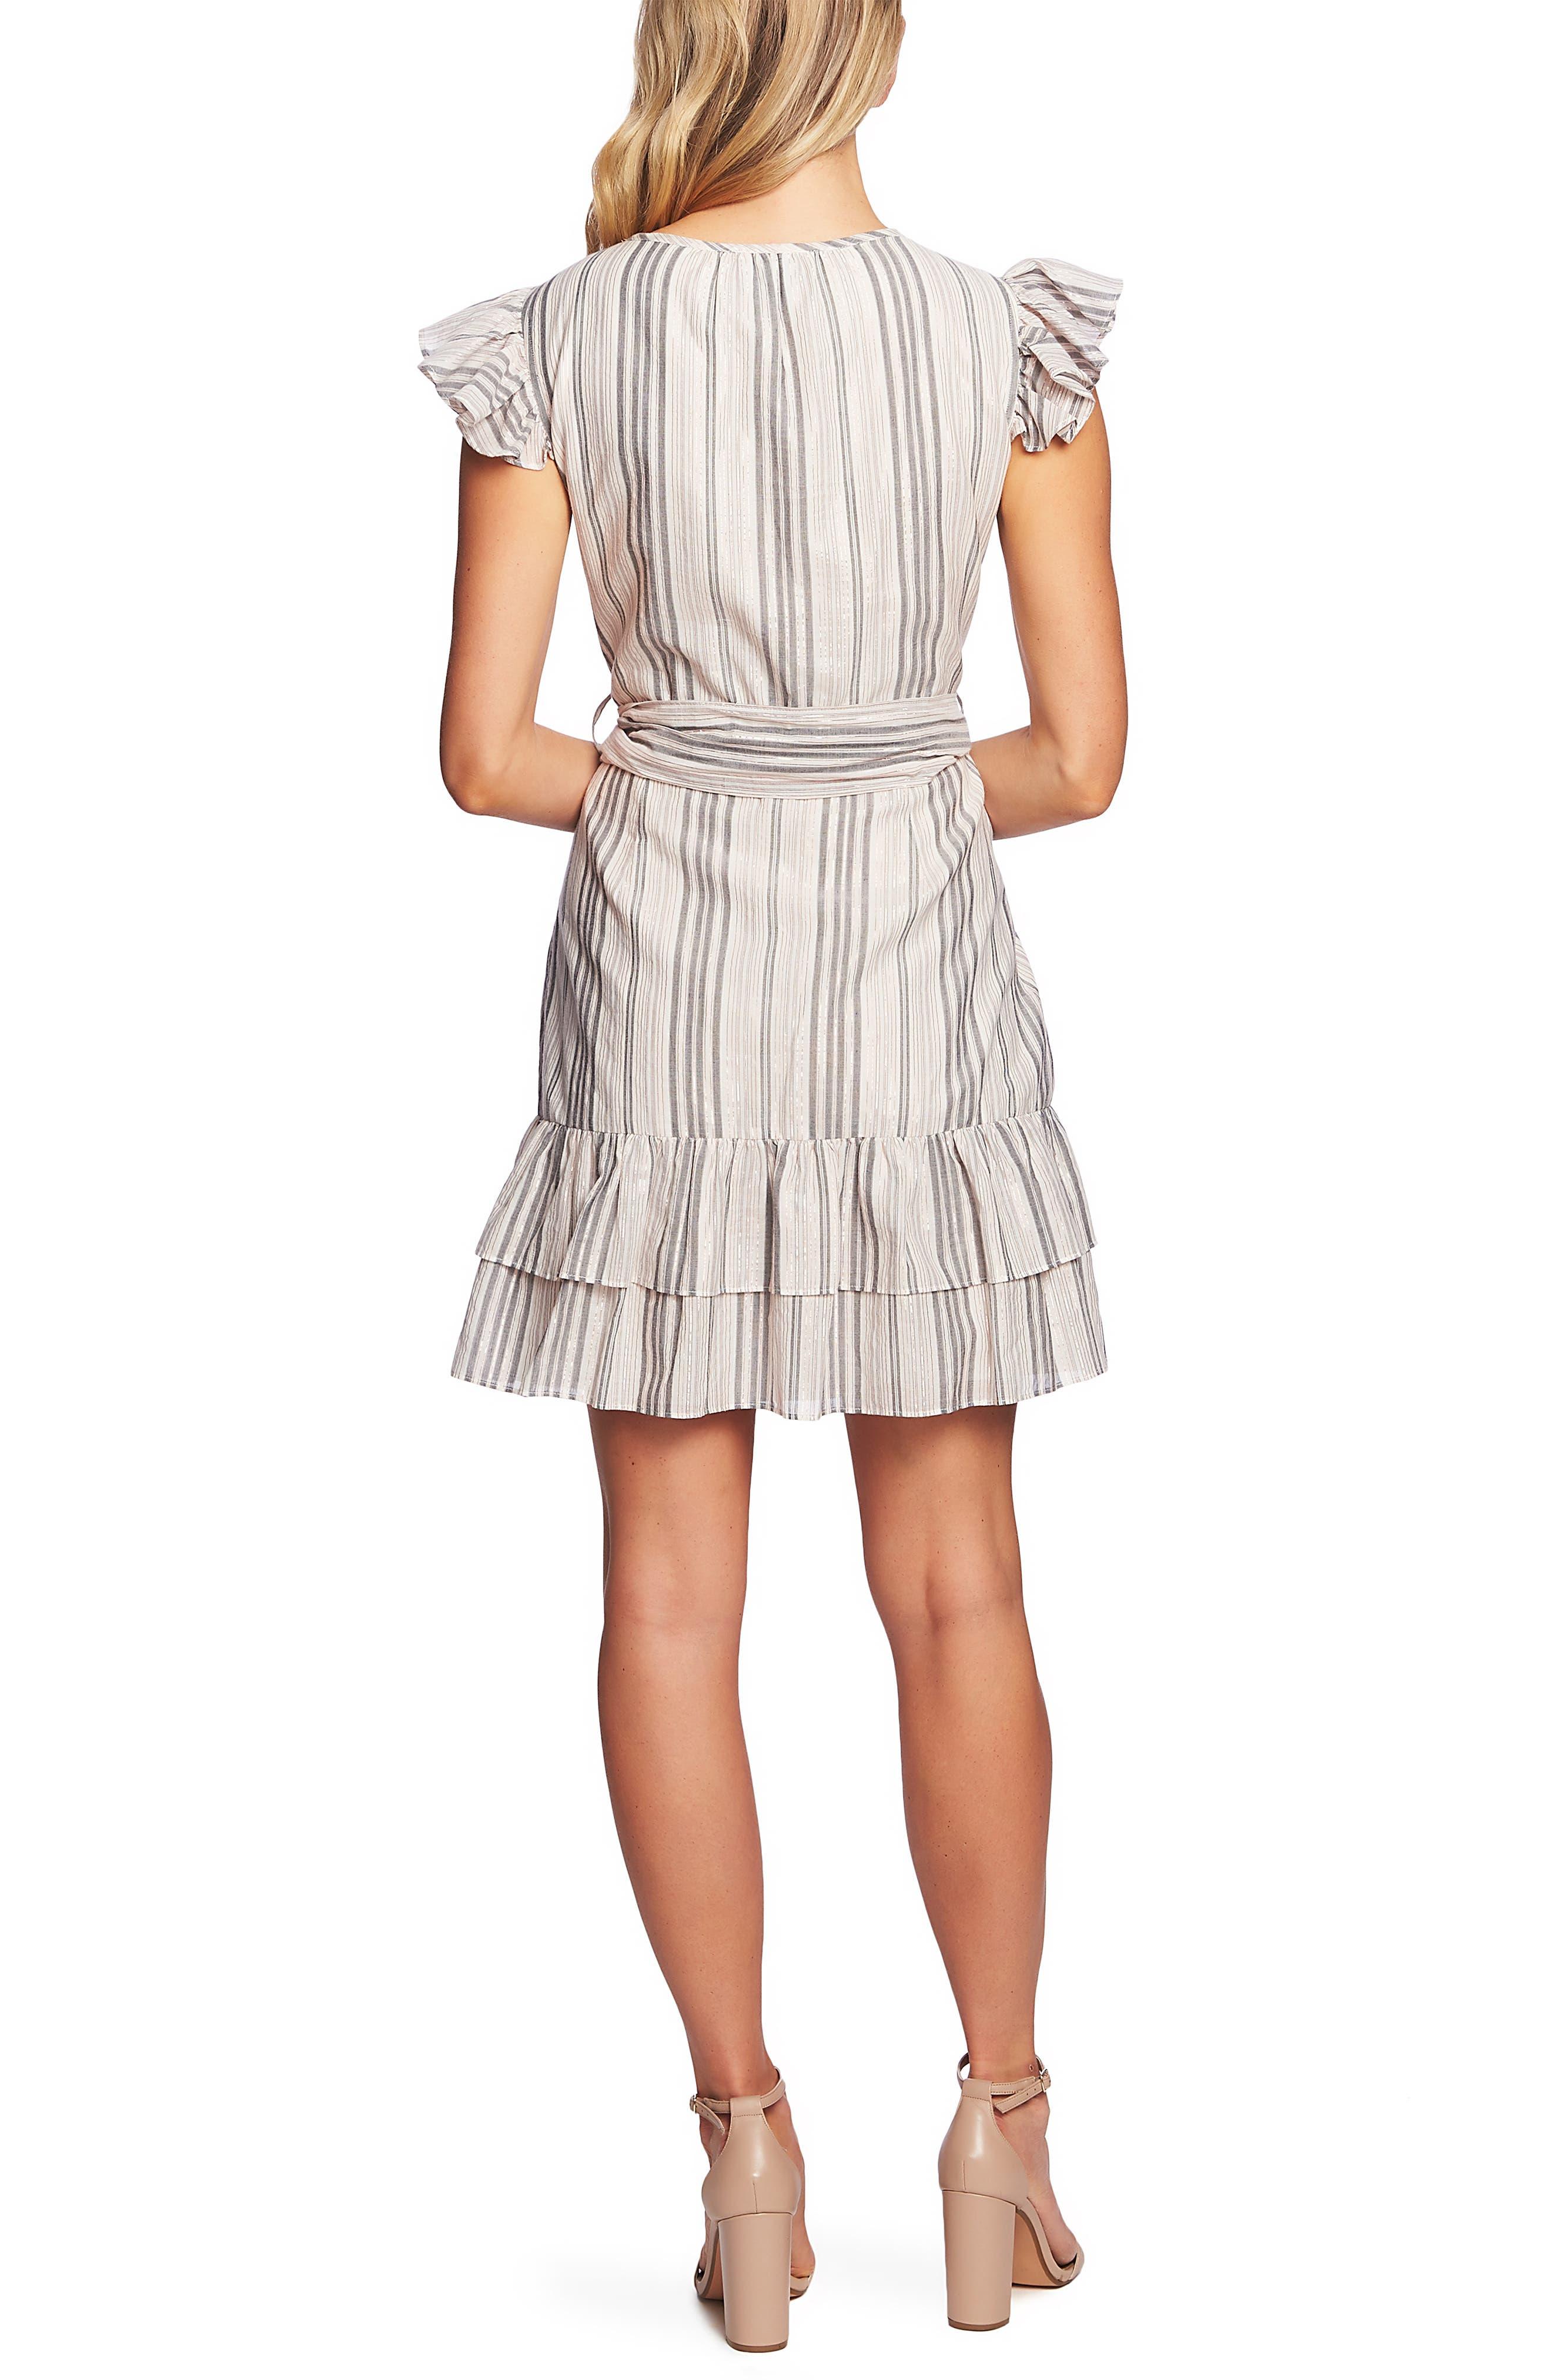 CECE, Ruffle Flutter Sleeve Dress, Alternate thumbnail 2, color, SOFT ECRU